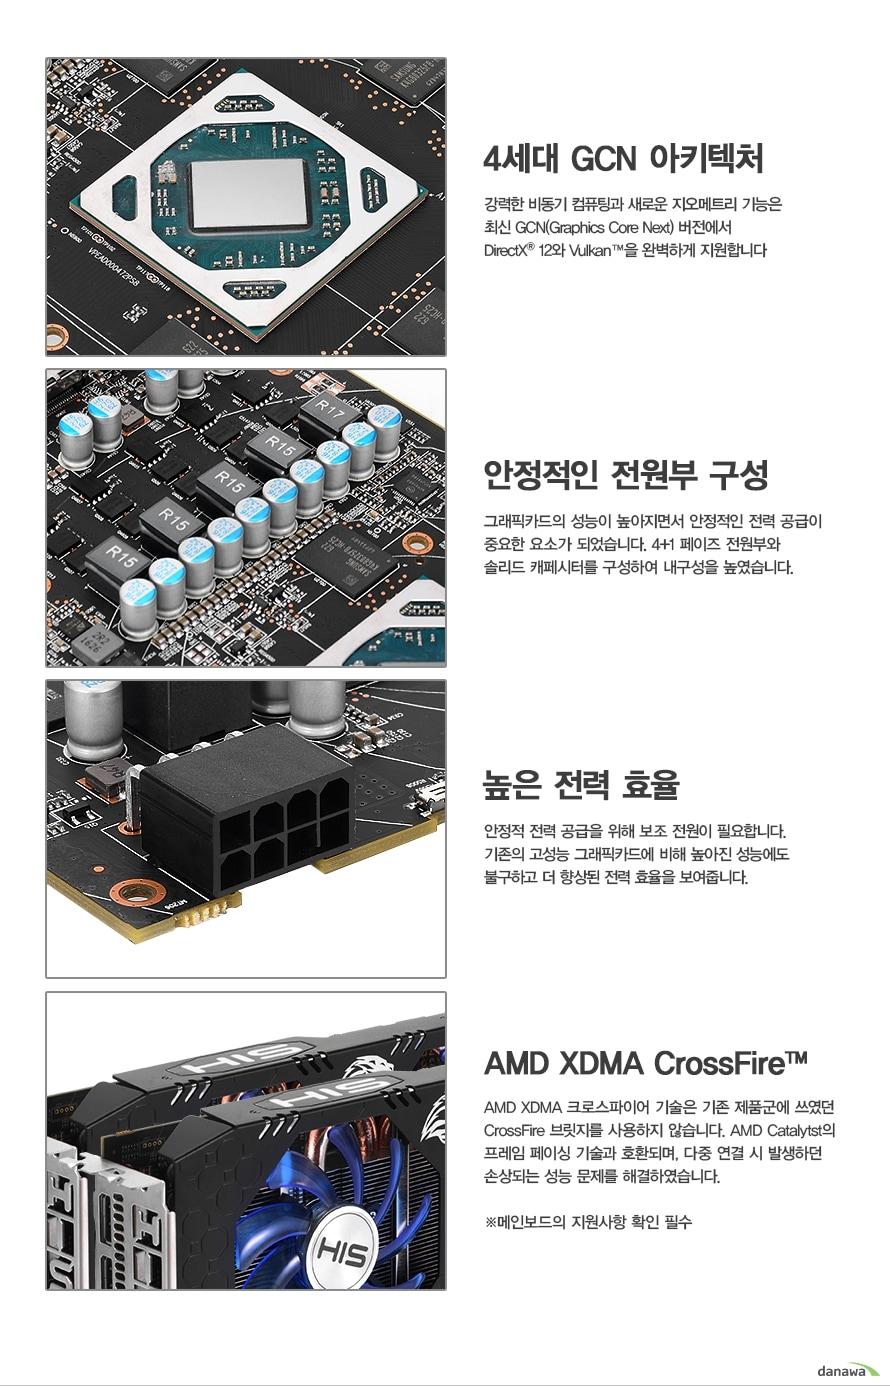 4세대 GCN 아키텍처강력한 비동기 컴퓨팅과 새로운 지오메트리 기능은 최신 GCN(Graphics Core Next) 버전에서 DirectX 12와 Vulkan을 완벽하게 지원합니다안정적인 전원부 구성 그래픽카드의 성능이 높아지면서 안정적인 전력 공급이중요한 요소가 되었습니다. 4+1 페이즈 전원부와 솔리드 캐페시터를 구성하여 내구성을 높였습니다.     높은 전력 효율안정적 전력 공급을 위해 보조 전원이 필요합니다. 기존의 고성능 그래픽카드에 비해 높아진 성능에도 불구하고 더 향상된 전력 효율을 보여줍니다.  AMD XDMA CrossFire AMD XDMA 크로스파이어 기술은 기존 제품군에 쓰였던 CrossFire 브릿지를 사용하지 않습니다. AMD Catalytst의프레임 페이싱 기술과 호환되며, 다중 연결 시 발생하던 손상되는 성능 문제를 해결하였습니다. 메인보드의 지원사항 확인 필수